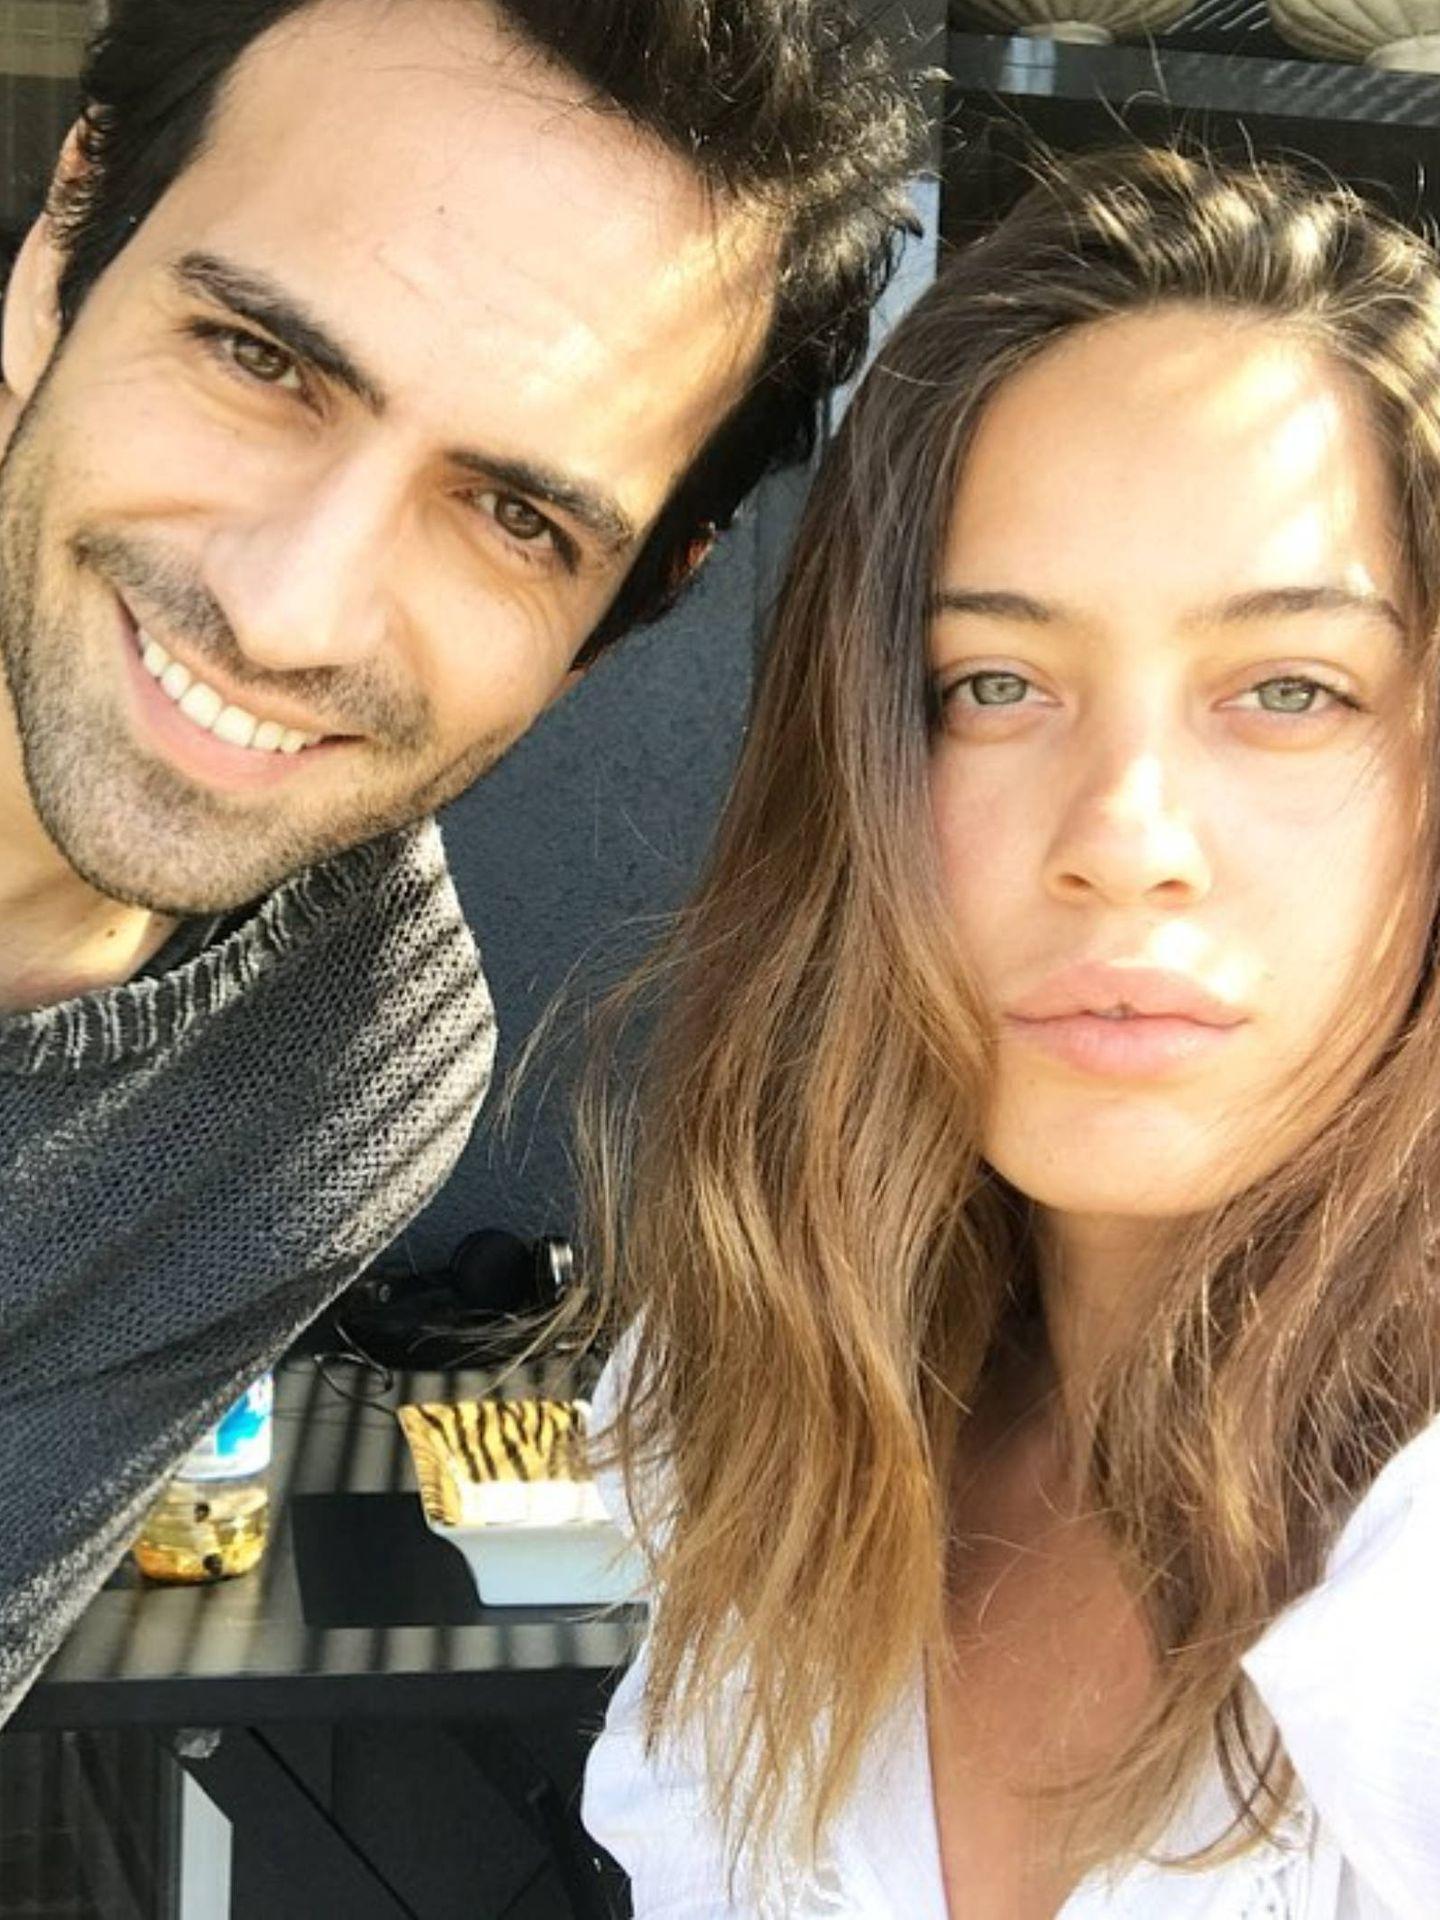 Bugra Gülsoy, junto a su mujer, Nilu?fer Gu?rbu?z. (Instagram @gurbuznilufer)